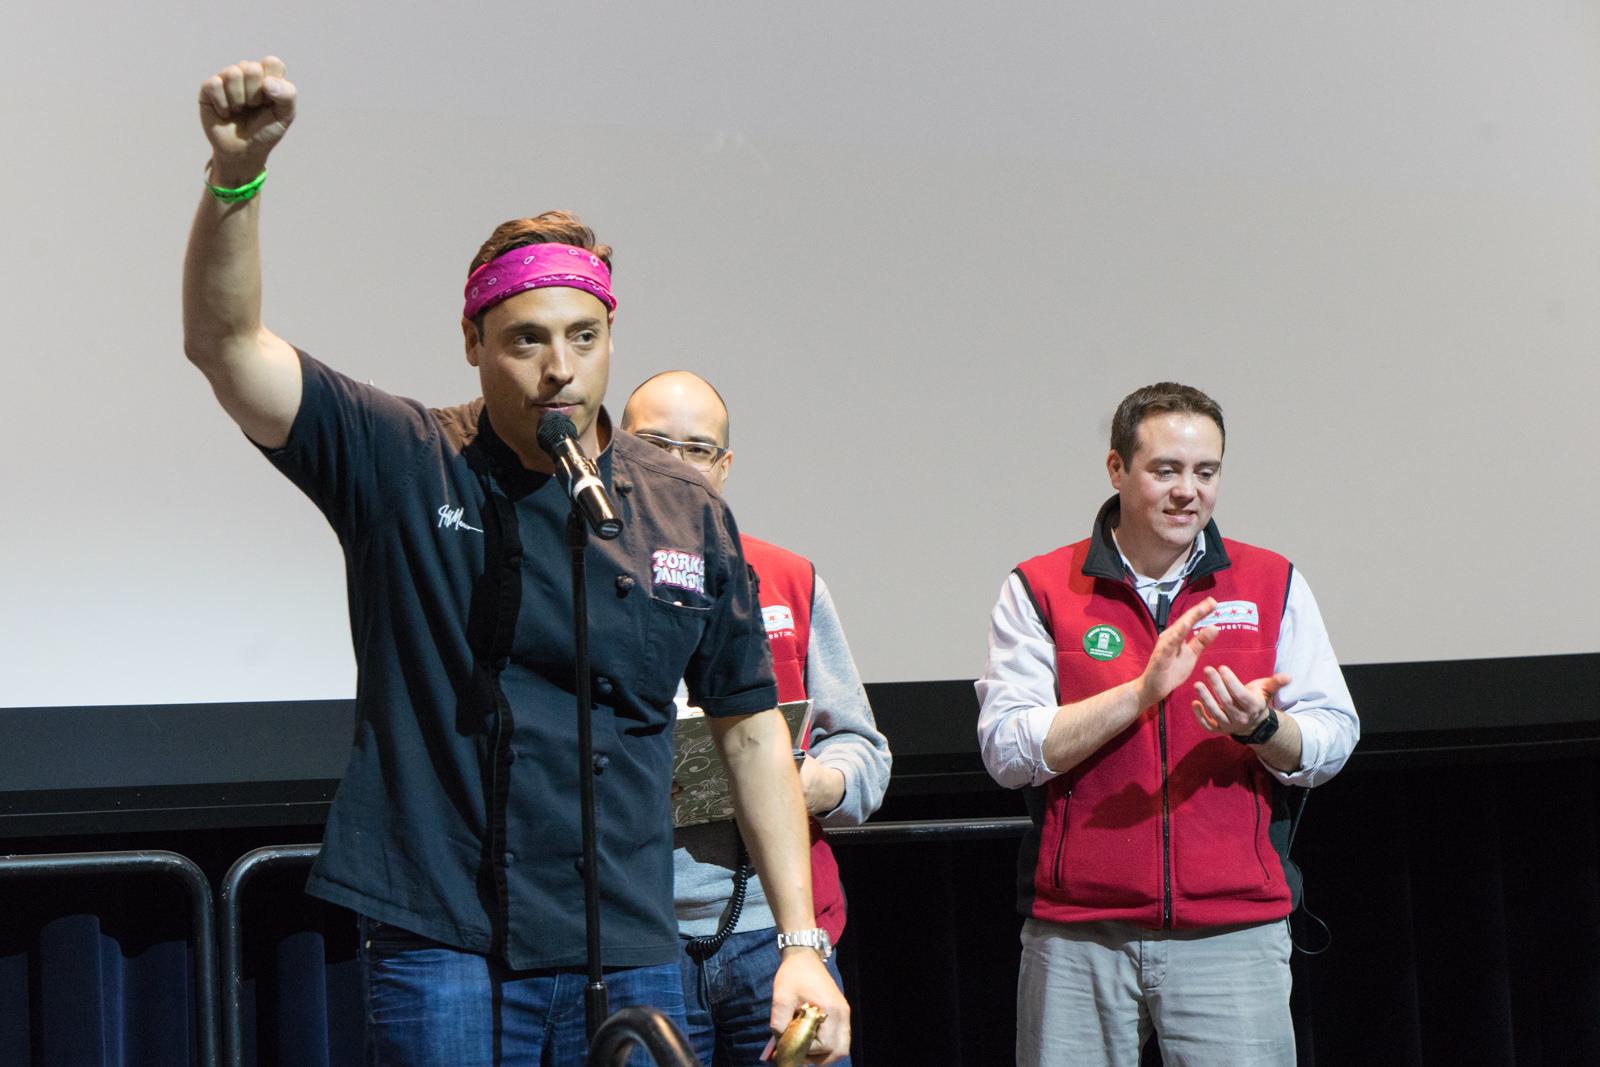 Jeff Mauro celebrates at Baconfest